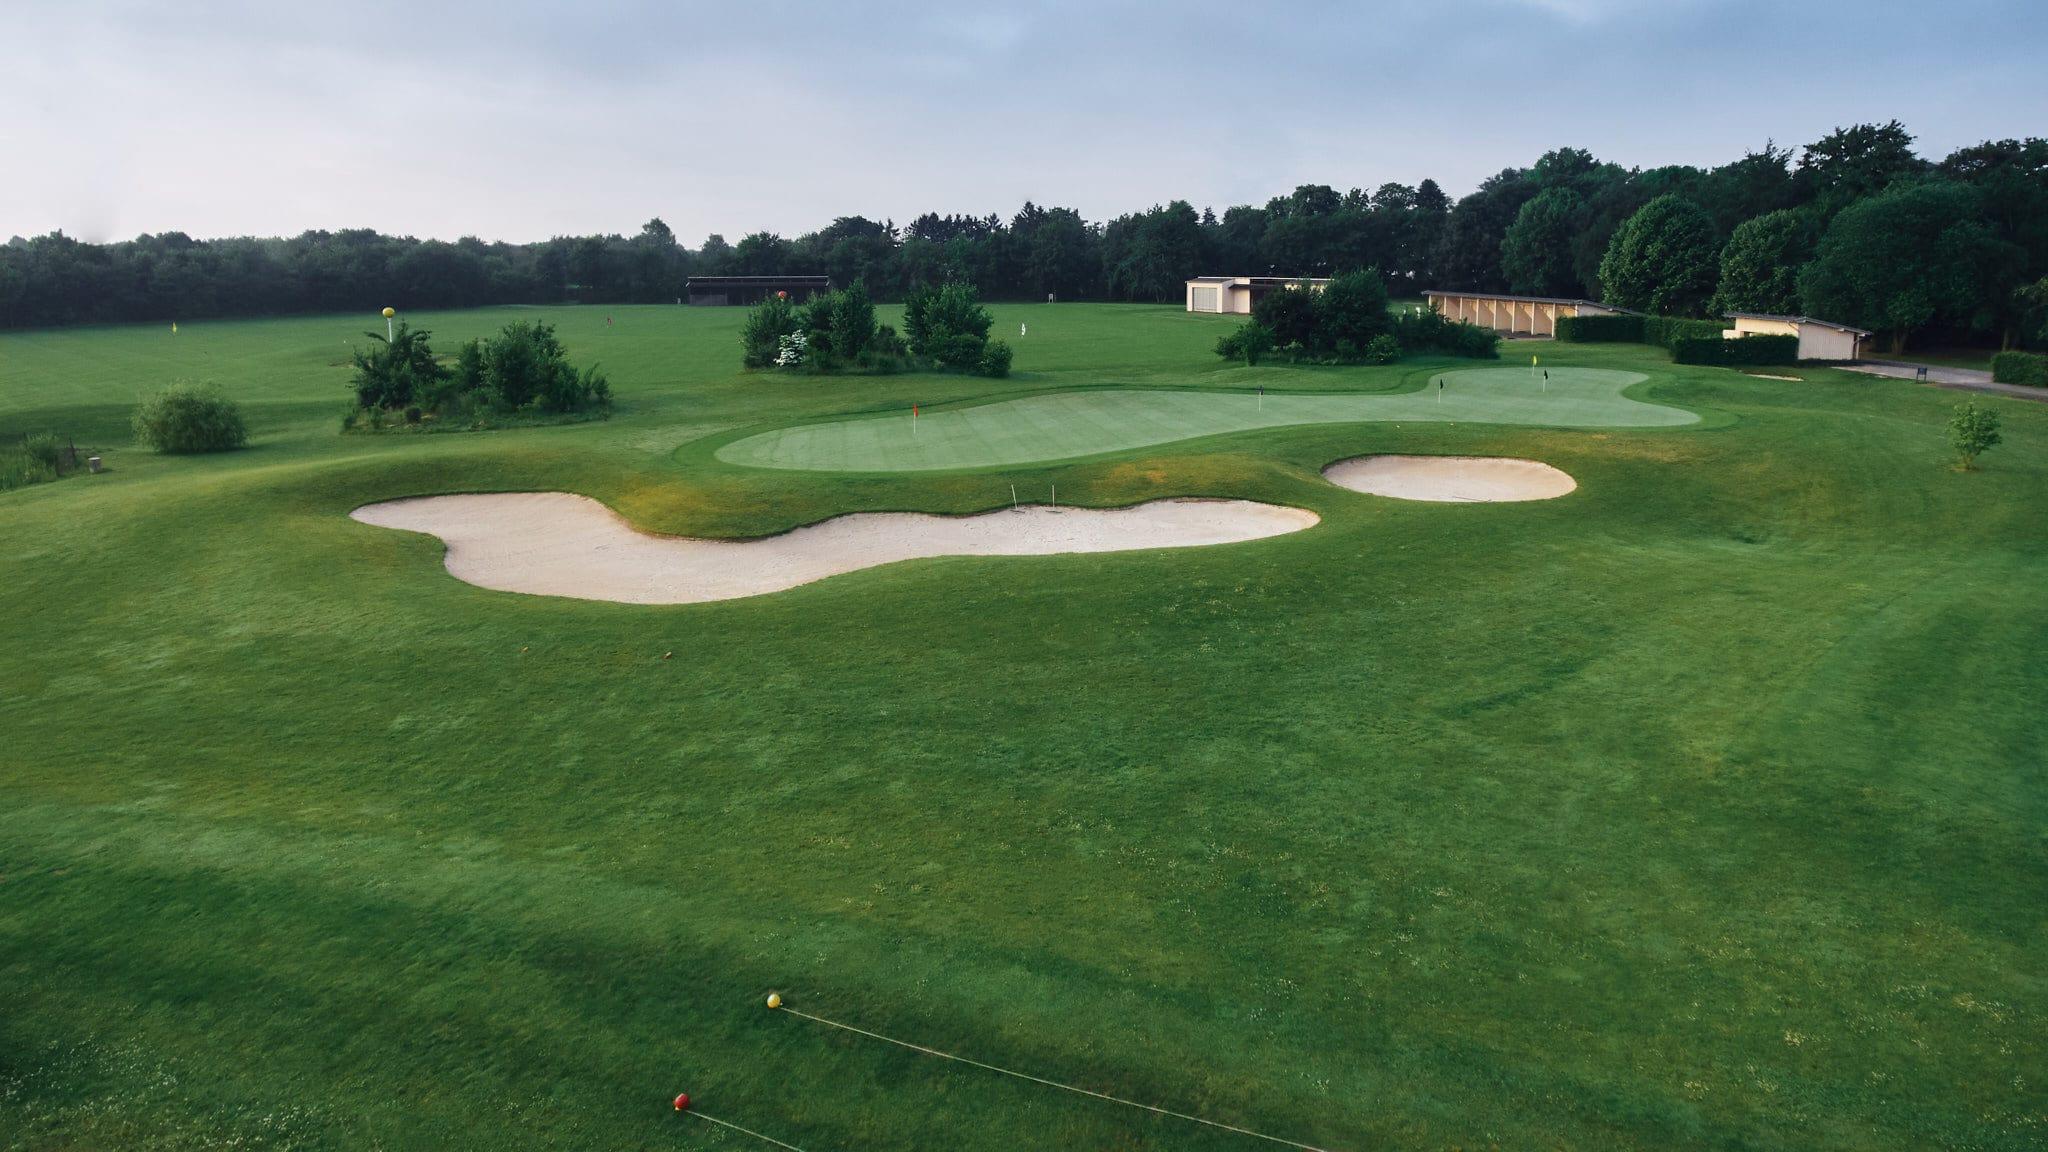 Drohneshot über den Golfclub Clostermannshof.